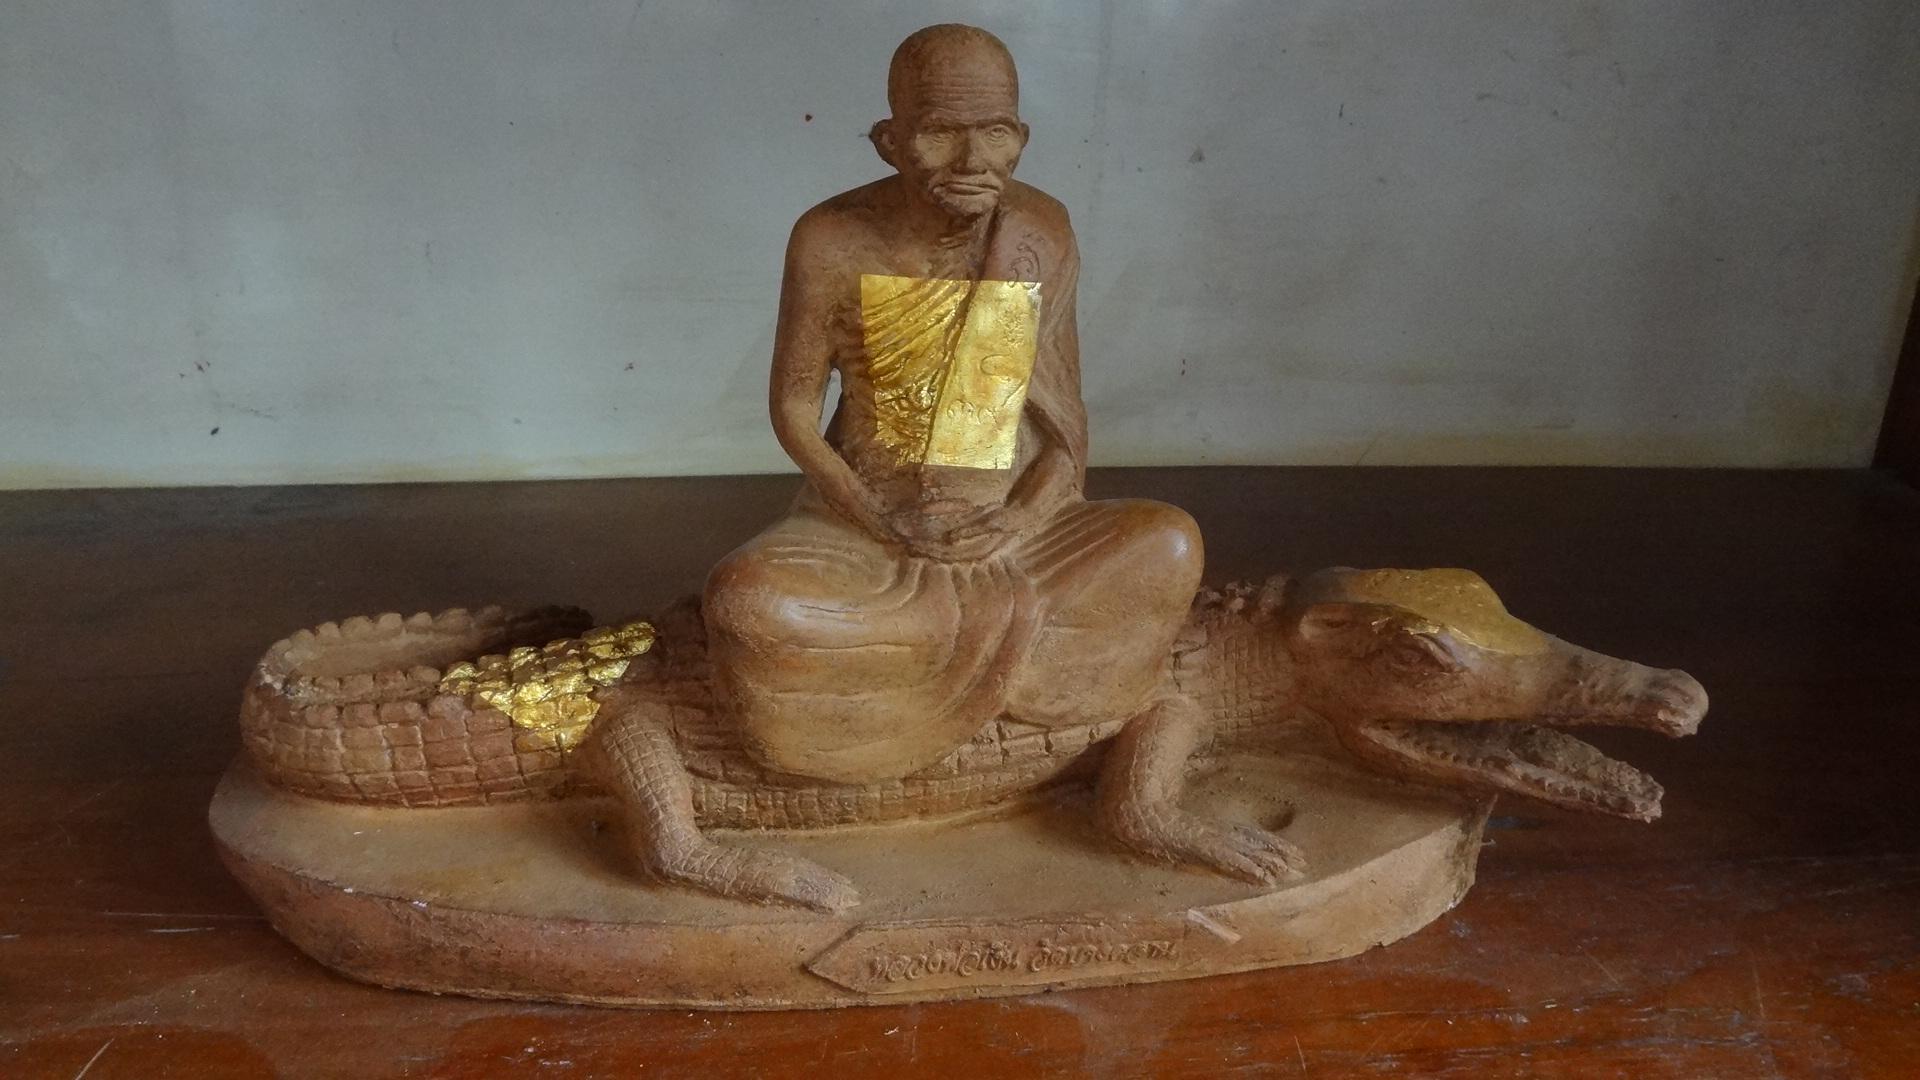 พระศิลาแลงอัด หลวงพ่อเงินนั่งชาละวัล